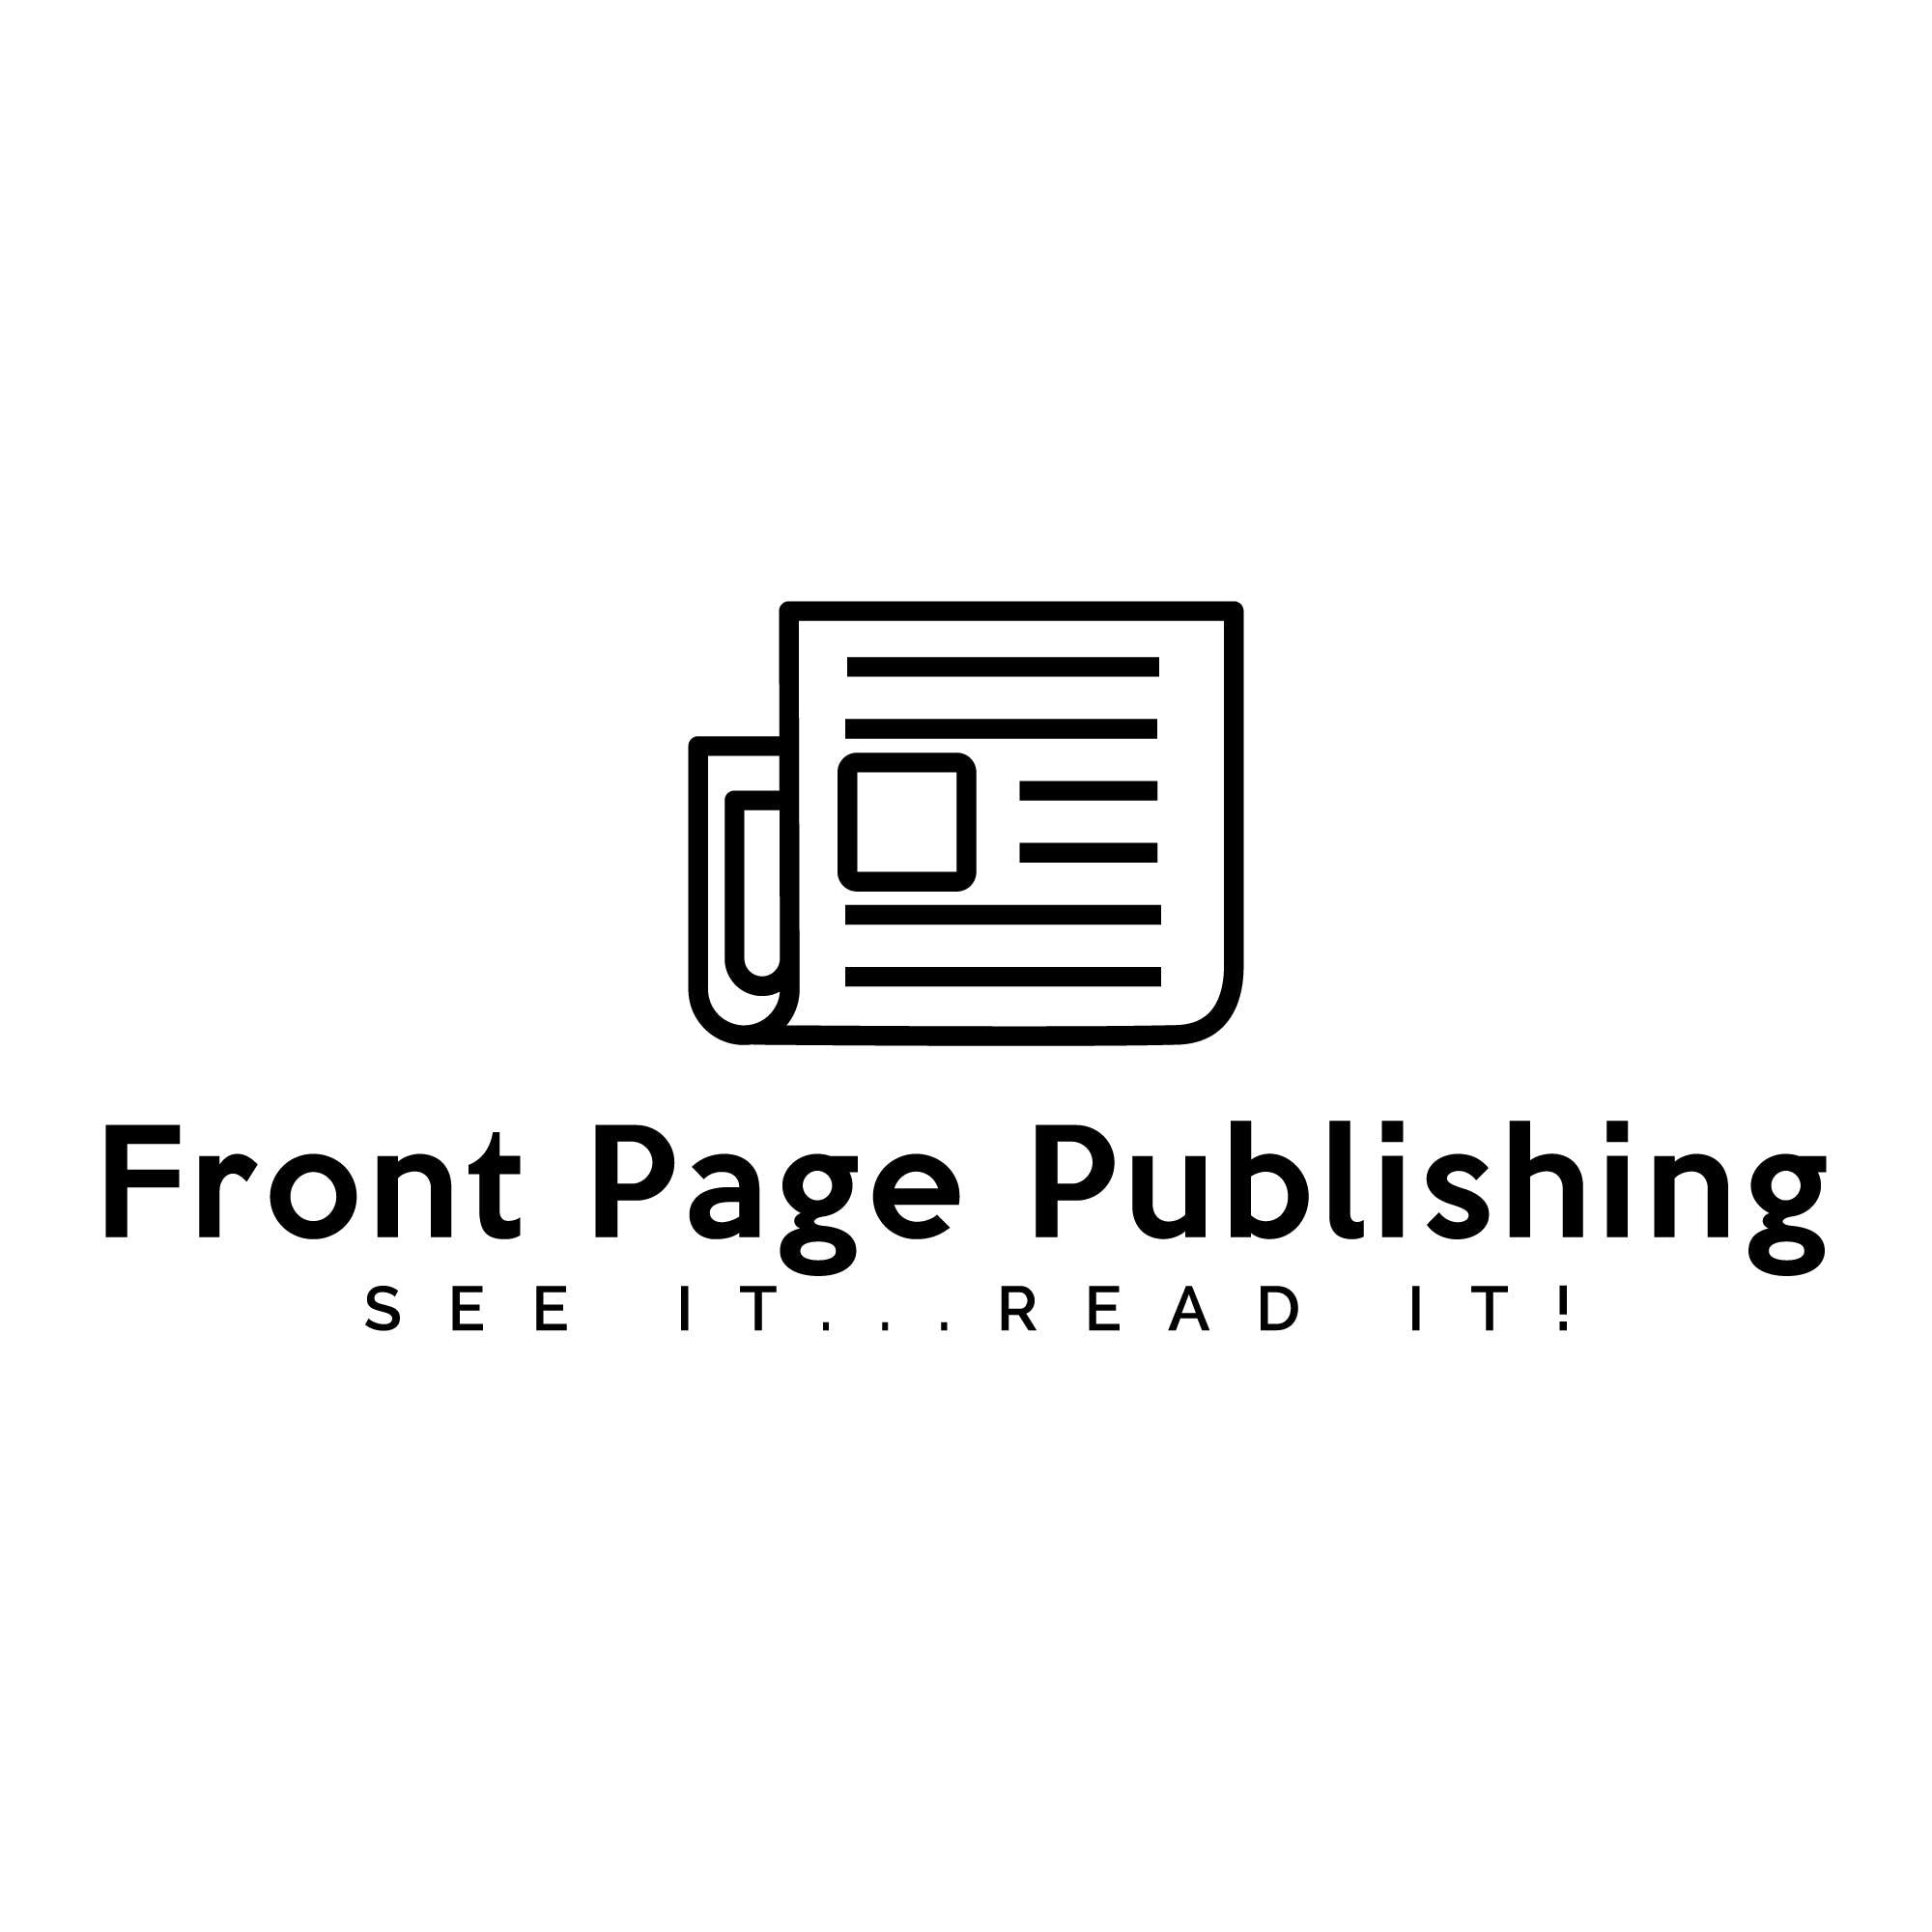 frontpagepublishing